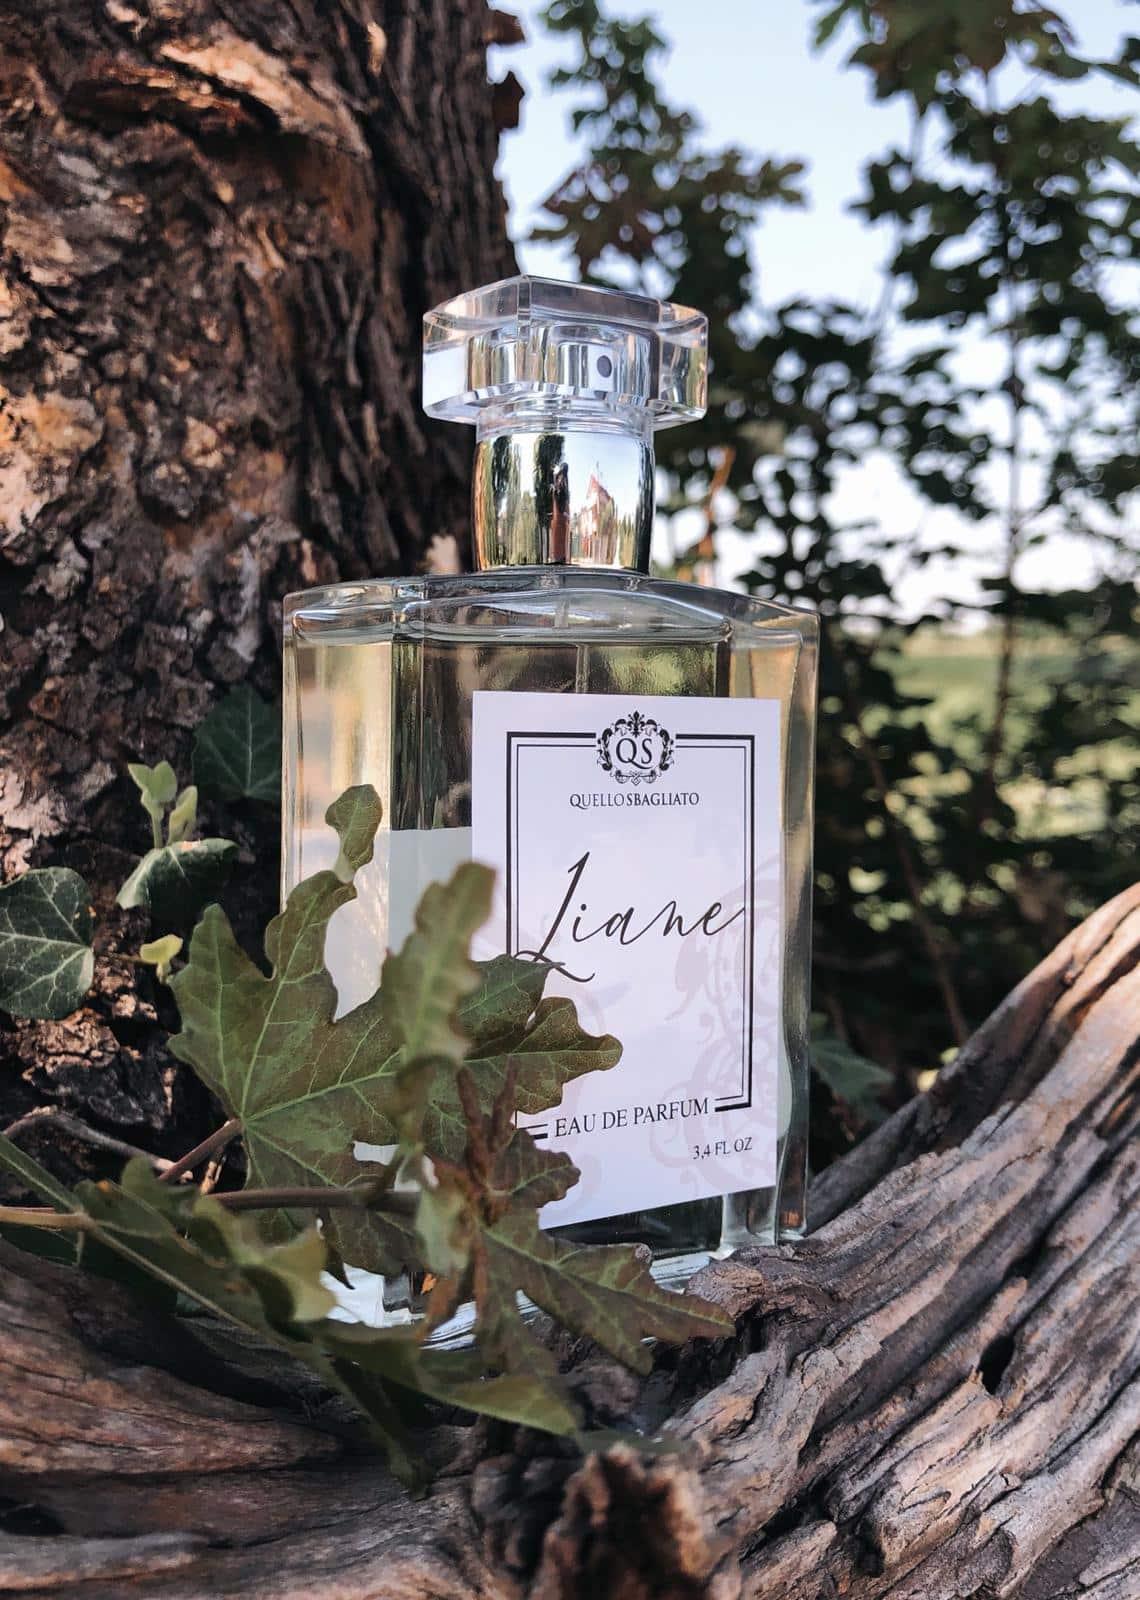 profumo edera liane unisex quello sbagliato verde edera natura